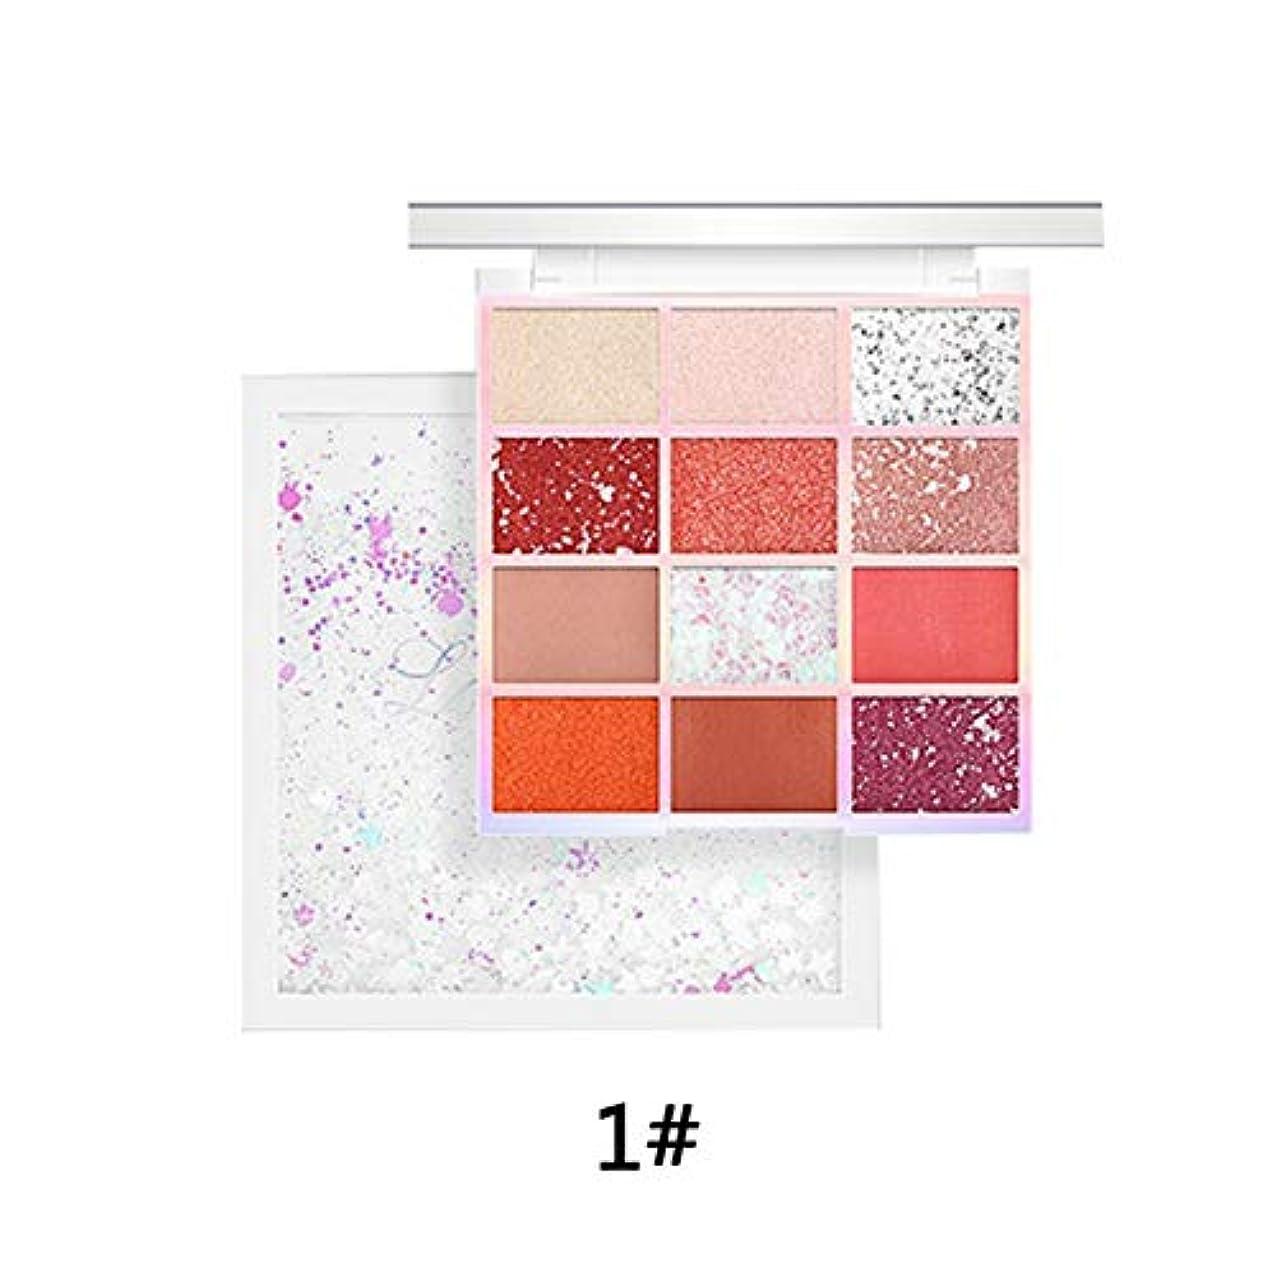 窒素腰天才12色 璀璨 星 流砂 アイシャドウ アイシャドウパレット マット スパンコール ラスティング キラキラ 美容 アイ化粧品 Cutelove